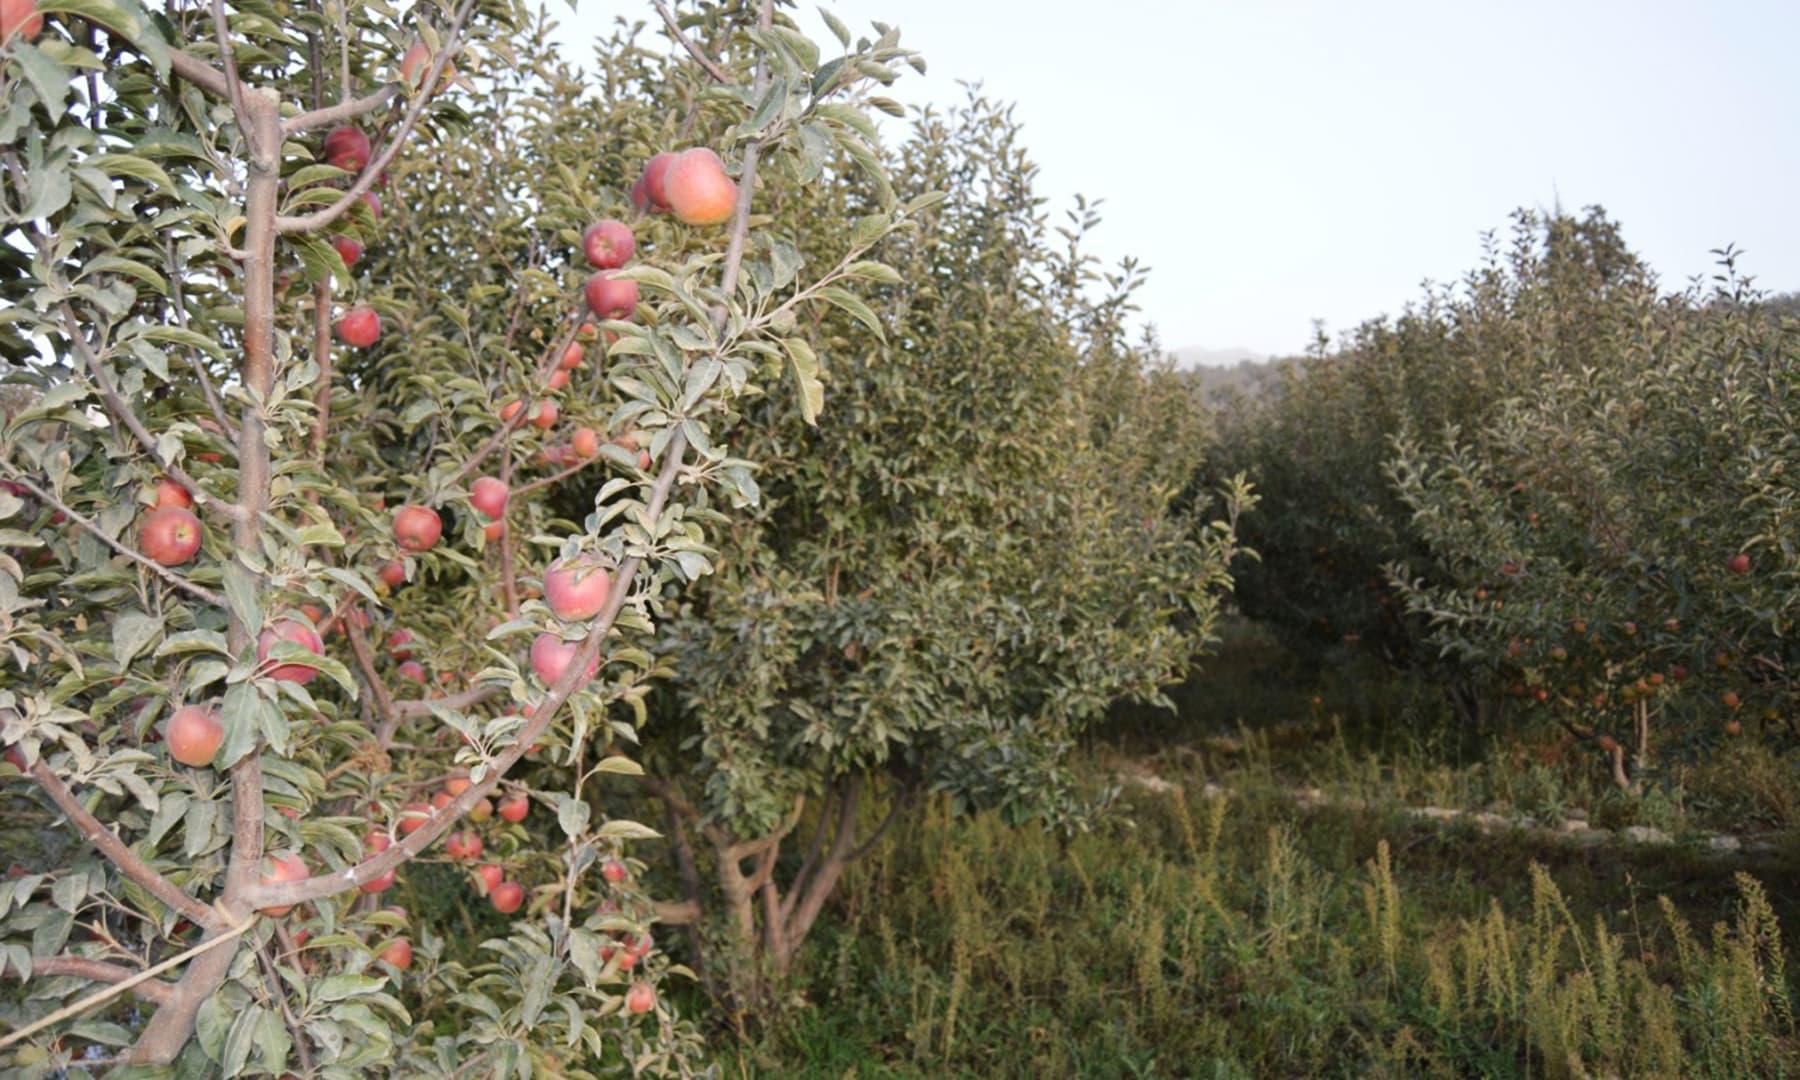 سیب کے باغات—تصویر حفیظ اللہ شیرانی